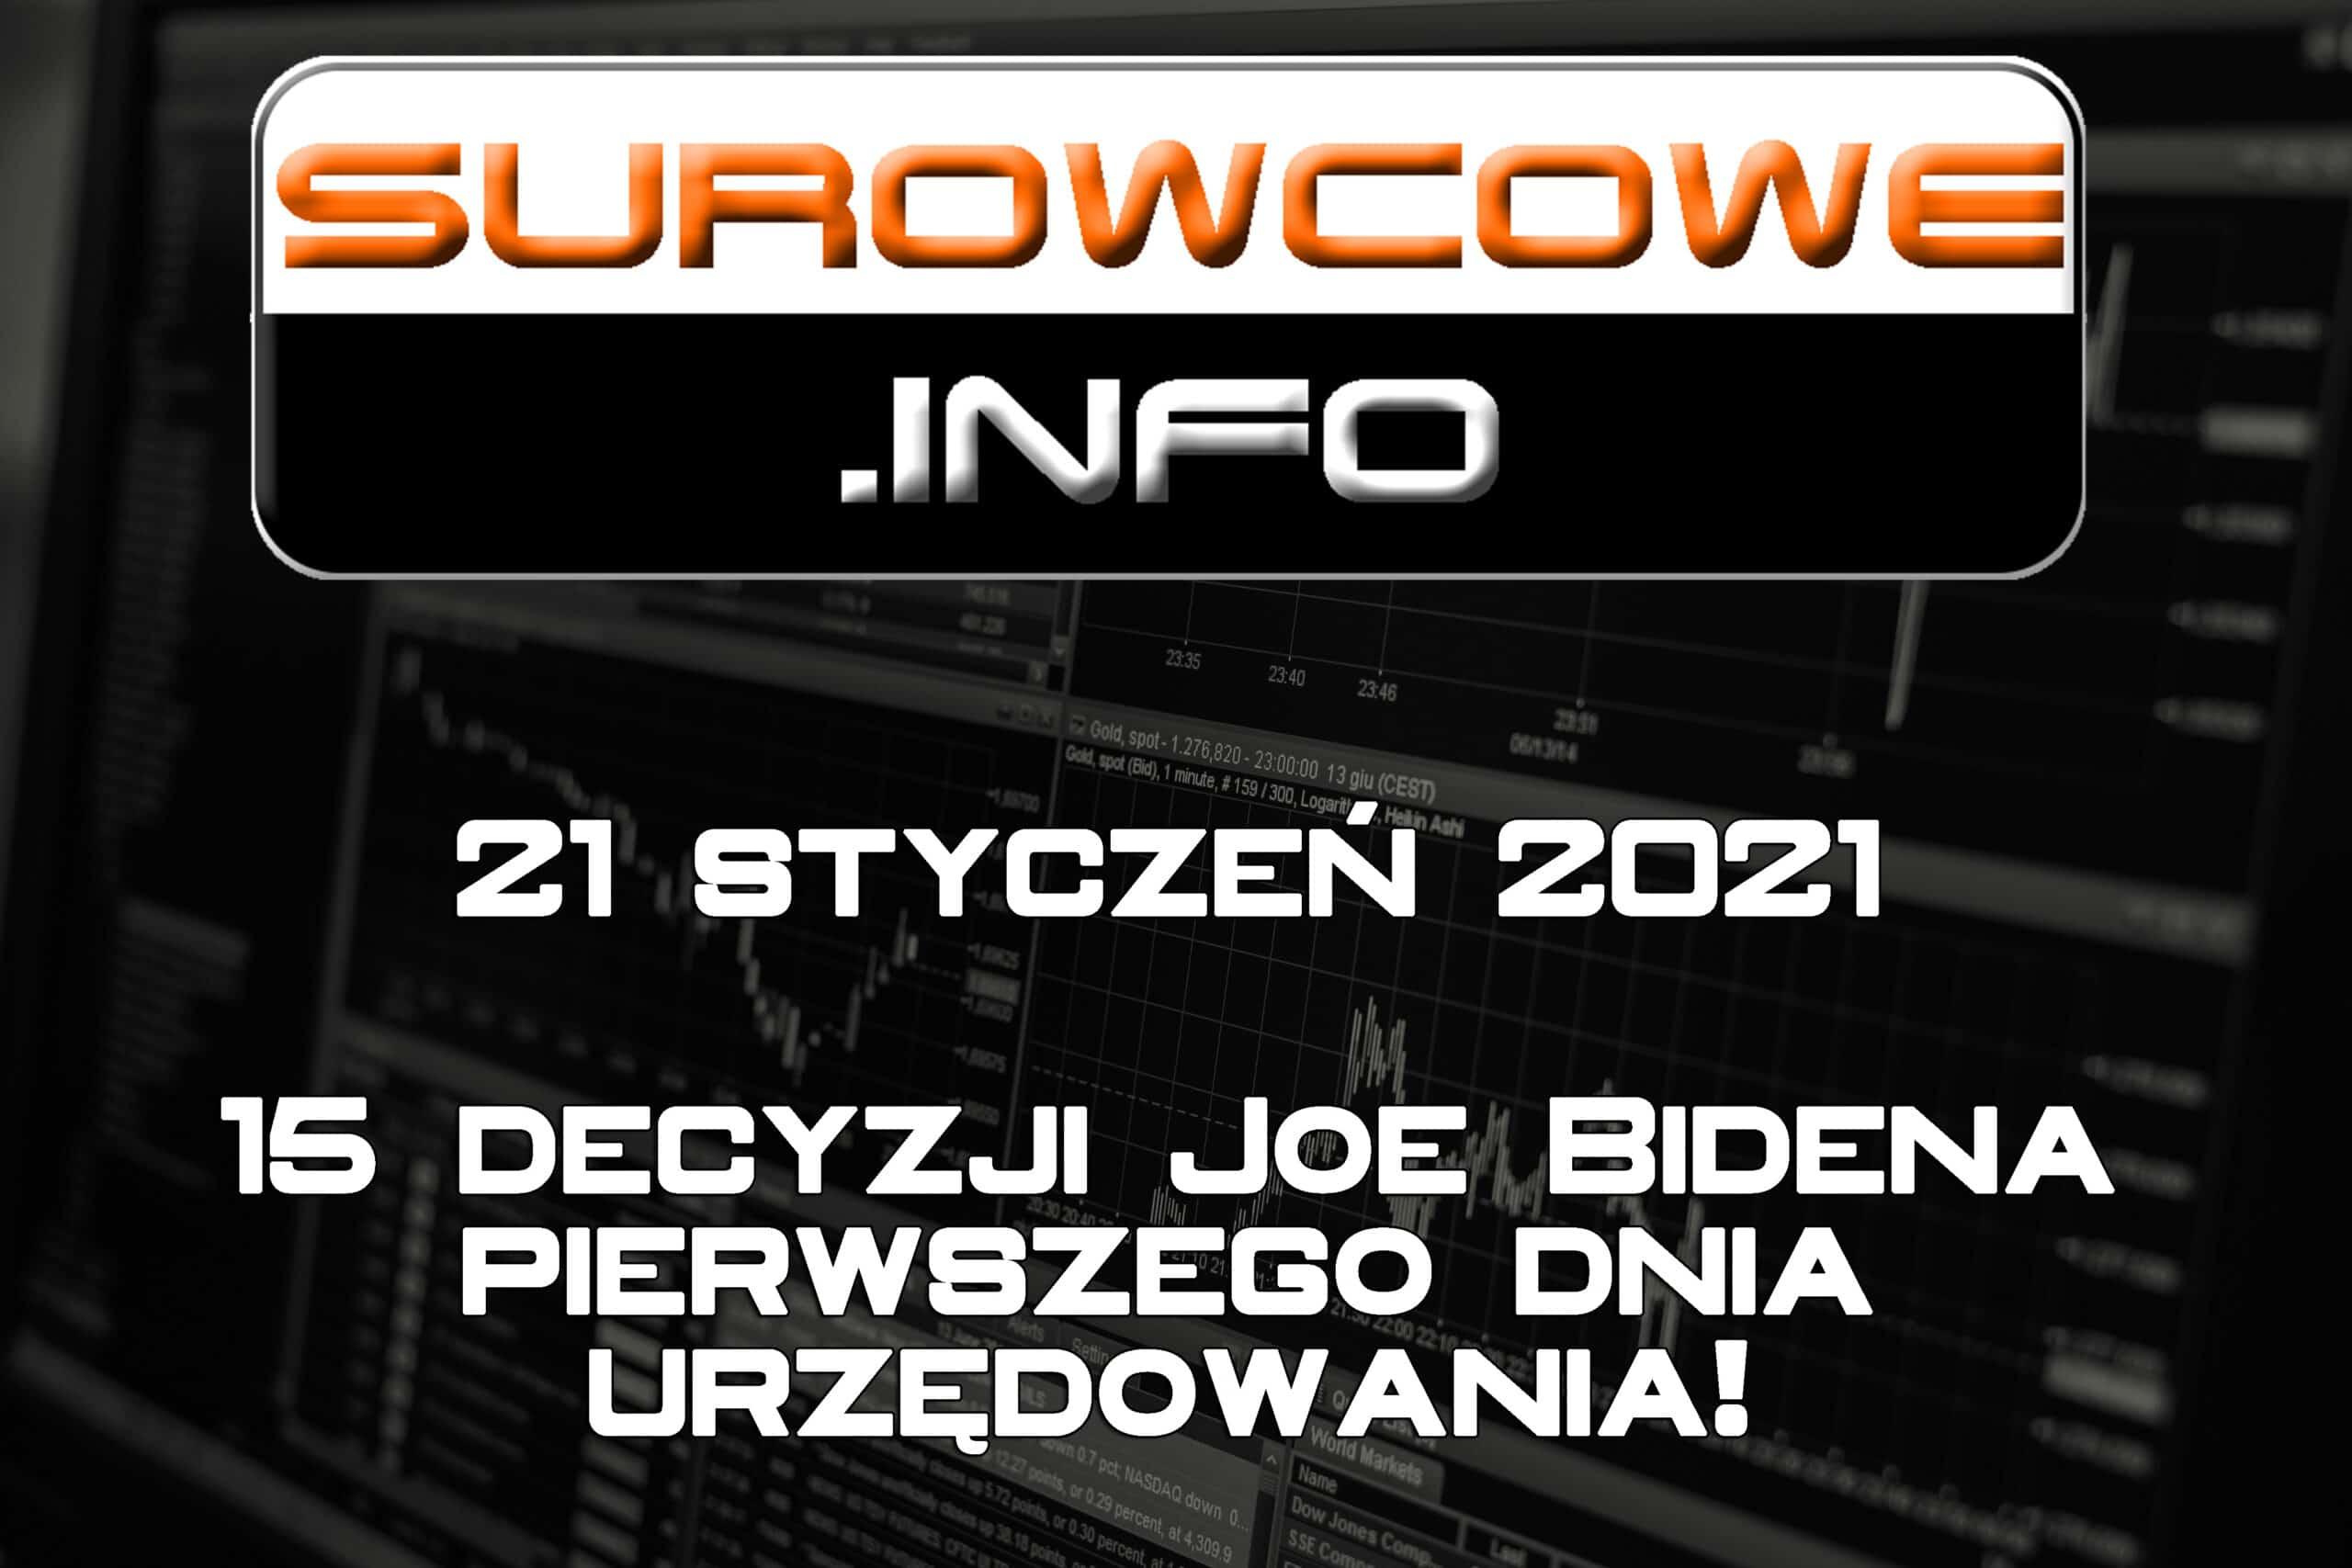 surowcowe info 18 styczeń 2021 - 15 decyzji Joe Bidena pierwszego dnia urzędowania!